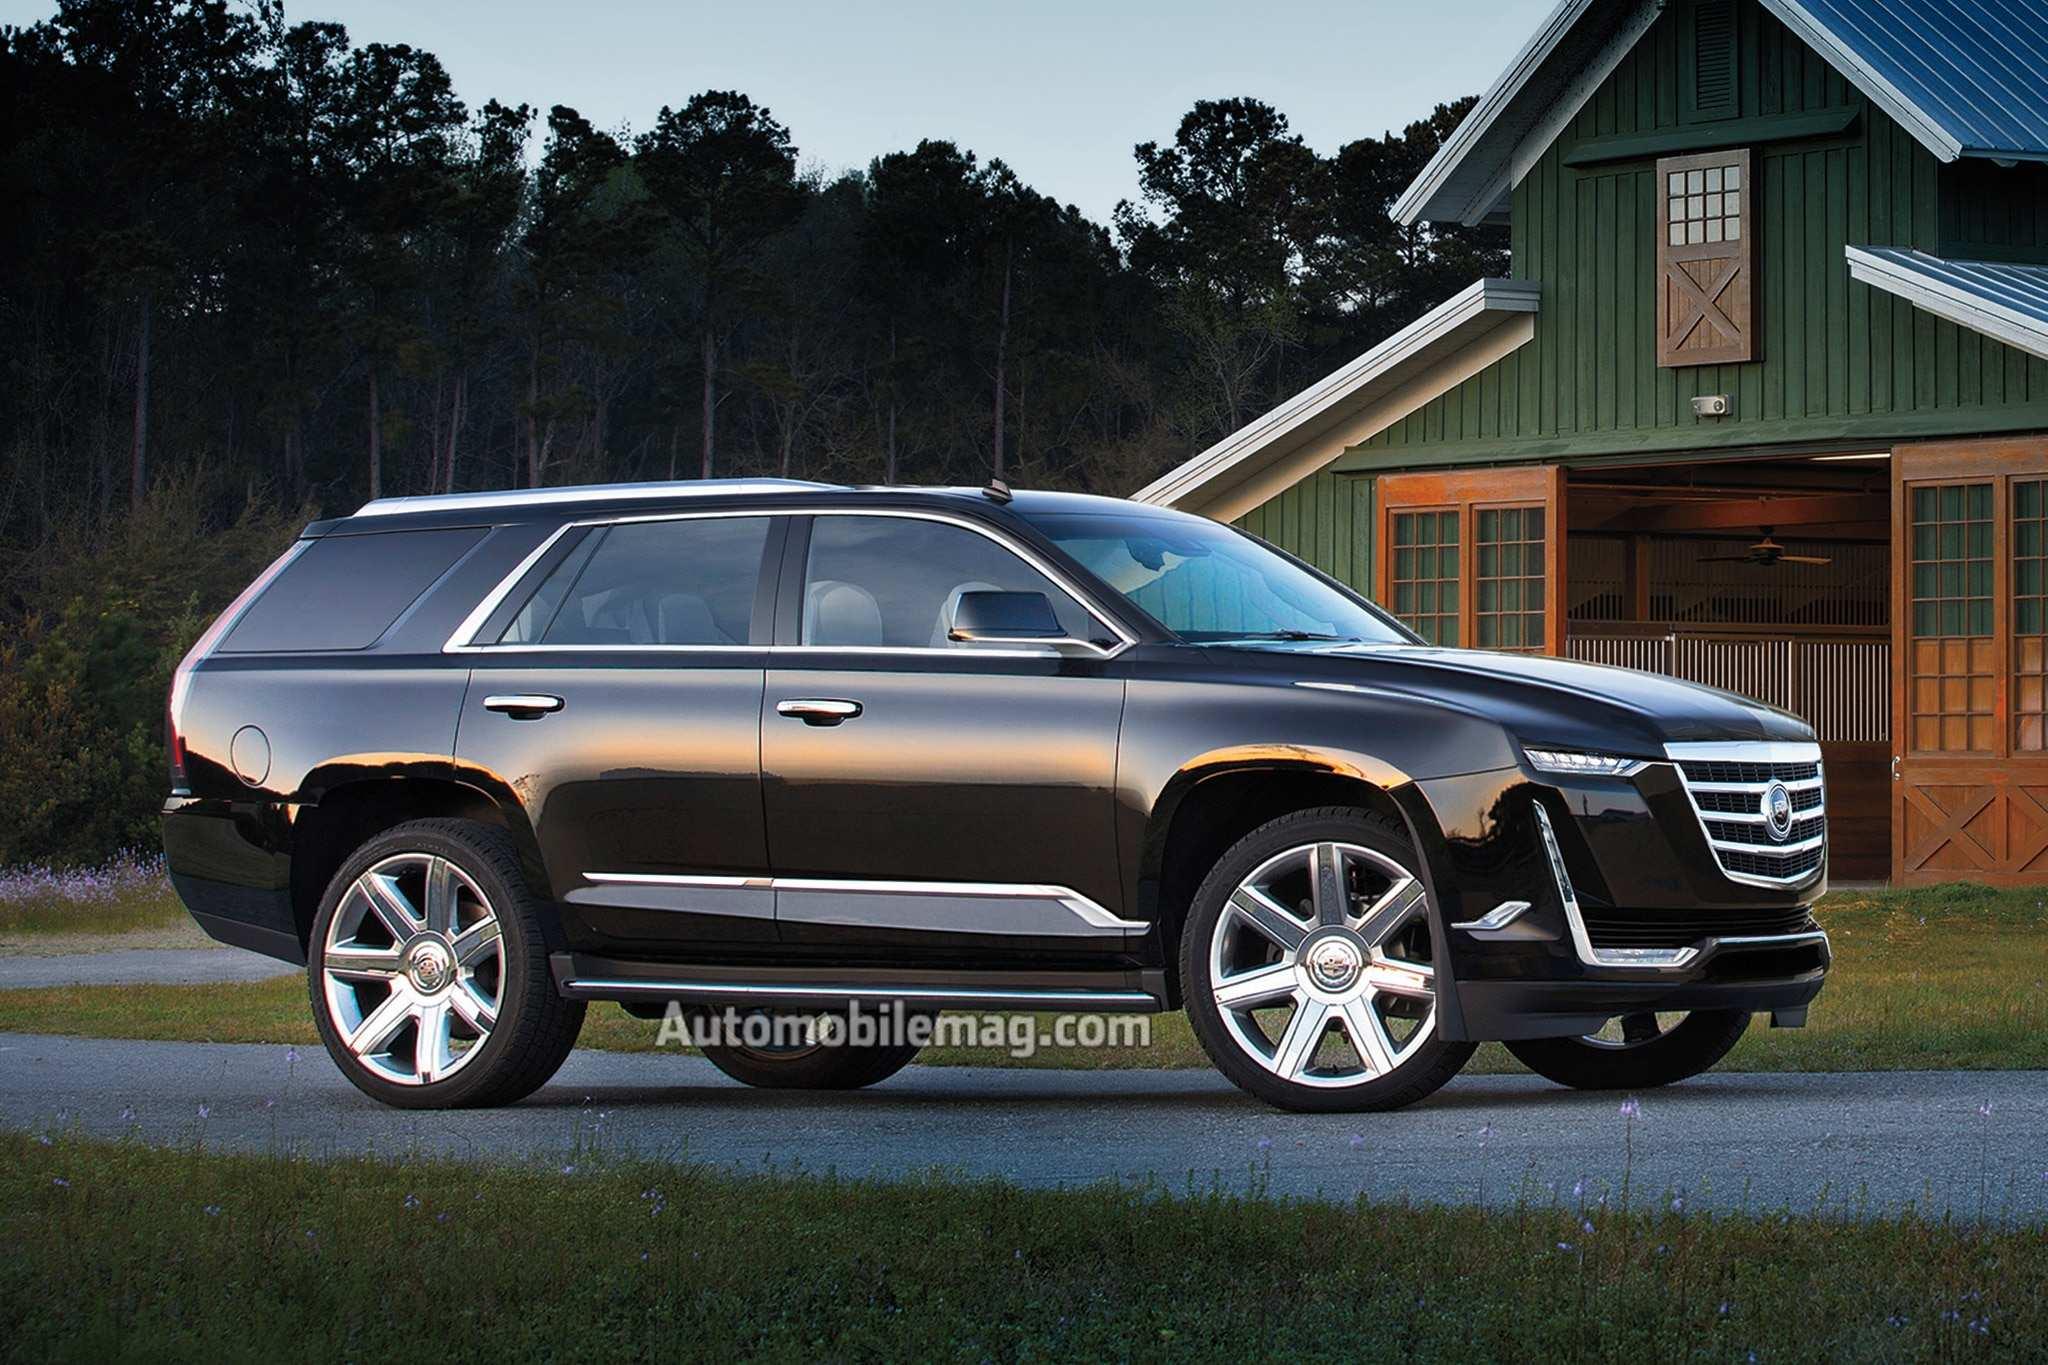 96 Concept of Cadillac Escalade 2020 Interior Style for Cadillac Escalade 2020 Interior